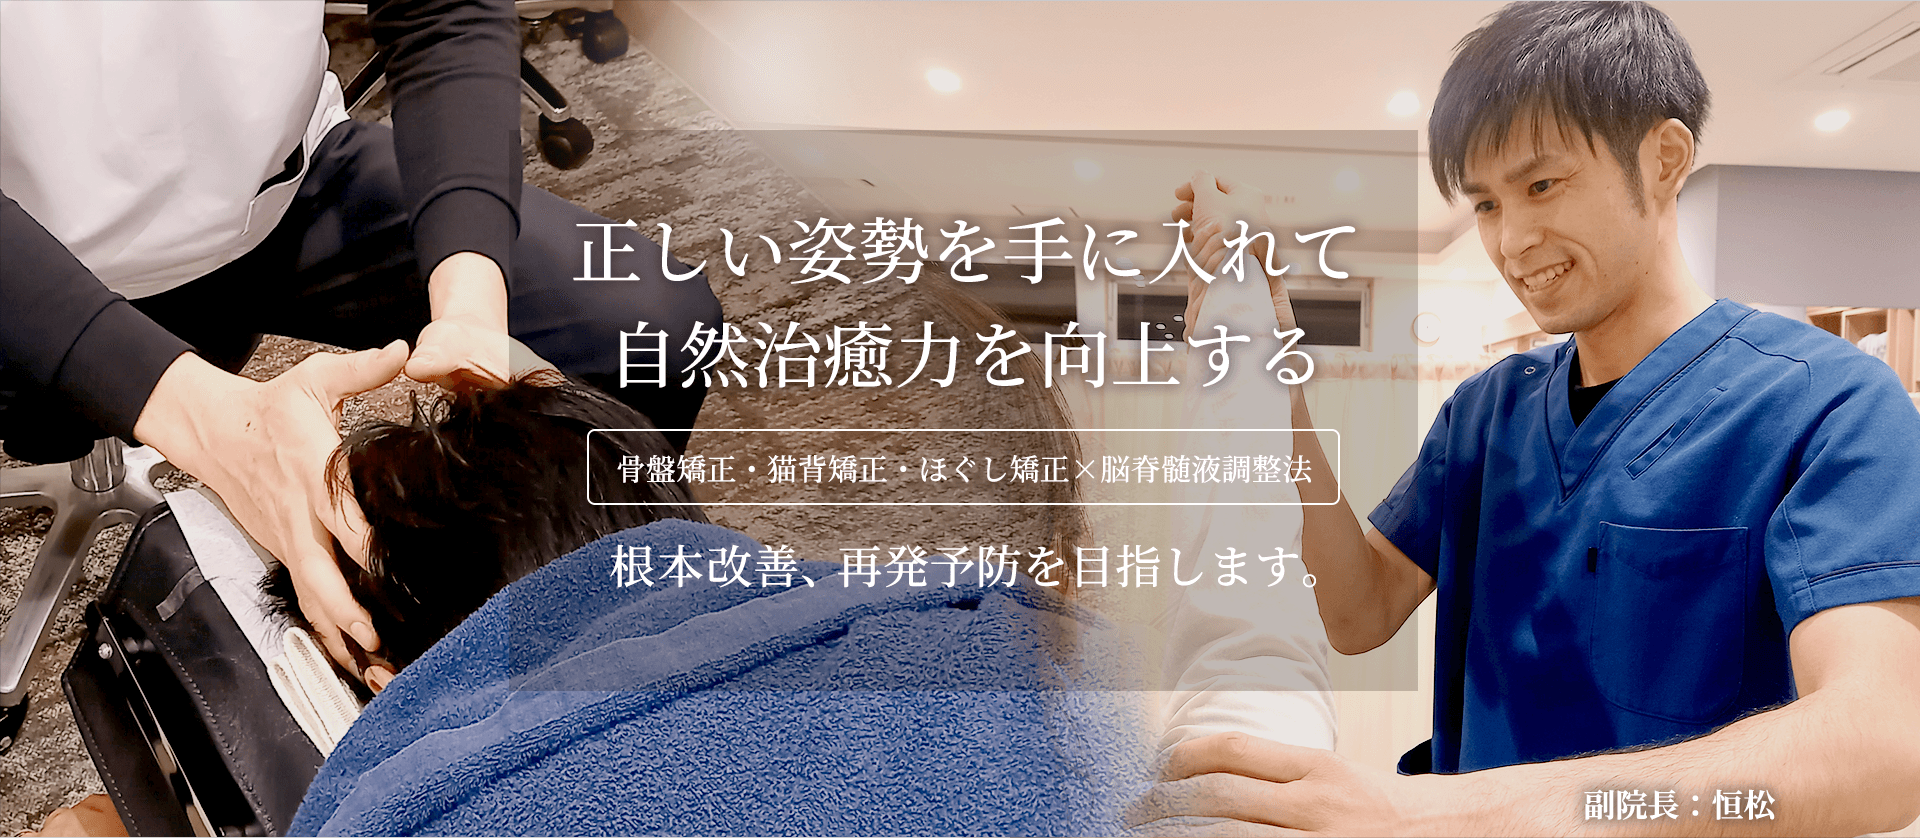 合志市のアンビー熊本整骨院では、骨盤矯正・猫背矯正・ほぐし矯正に加えて脳脊髄液調整法を用い、根本改善、再発予防を目指します